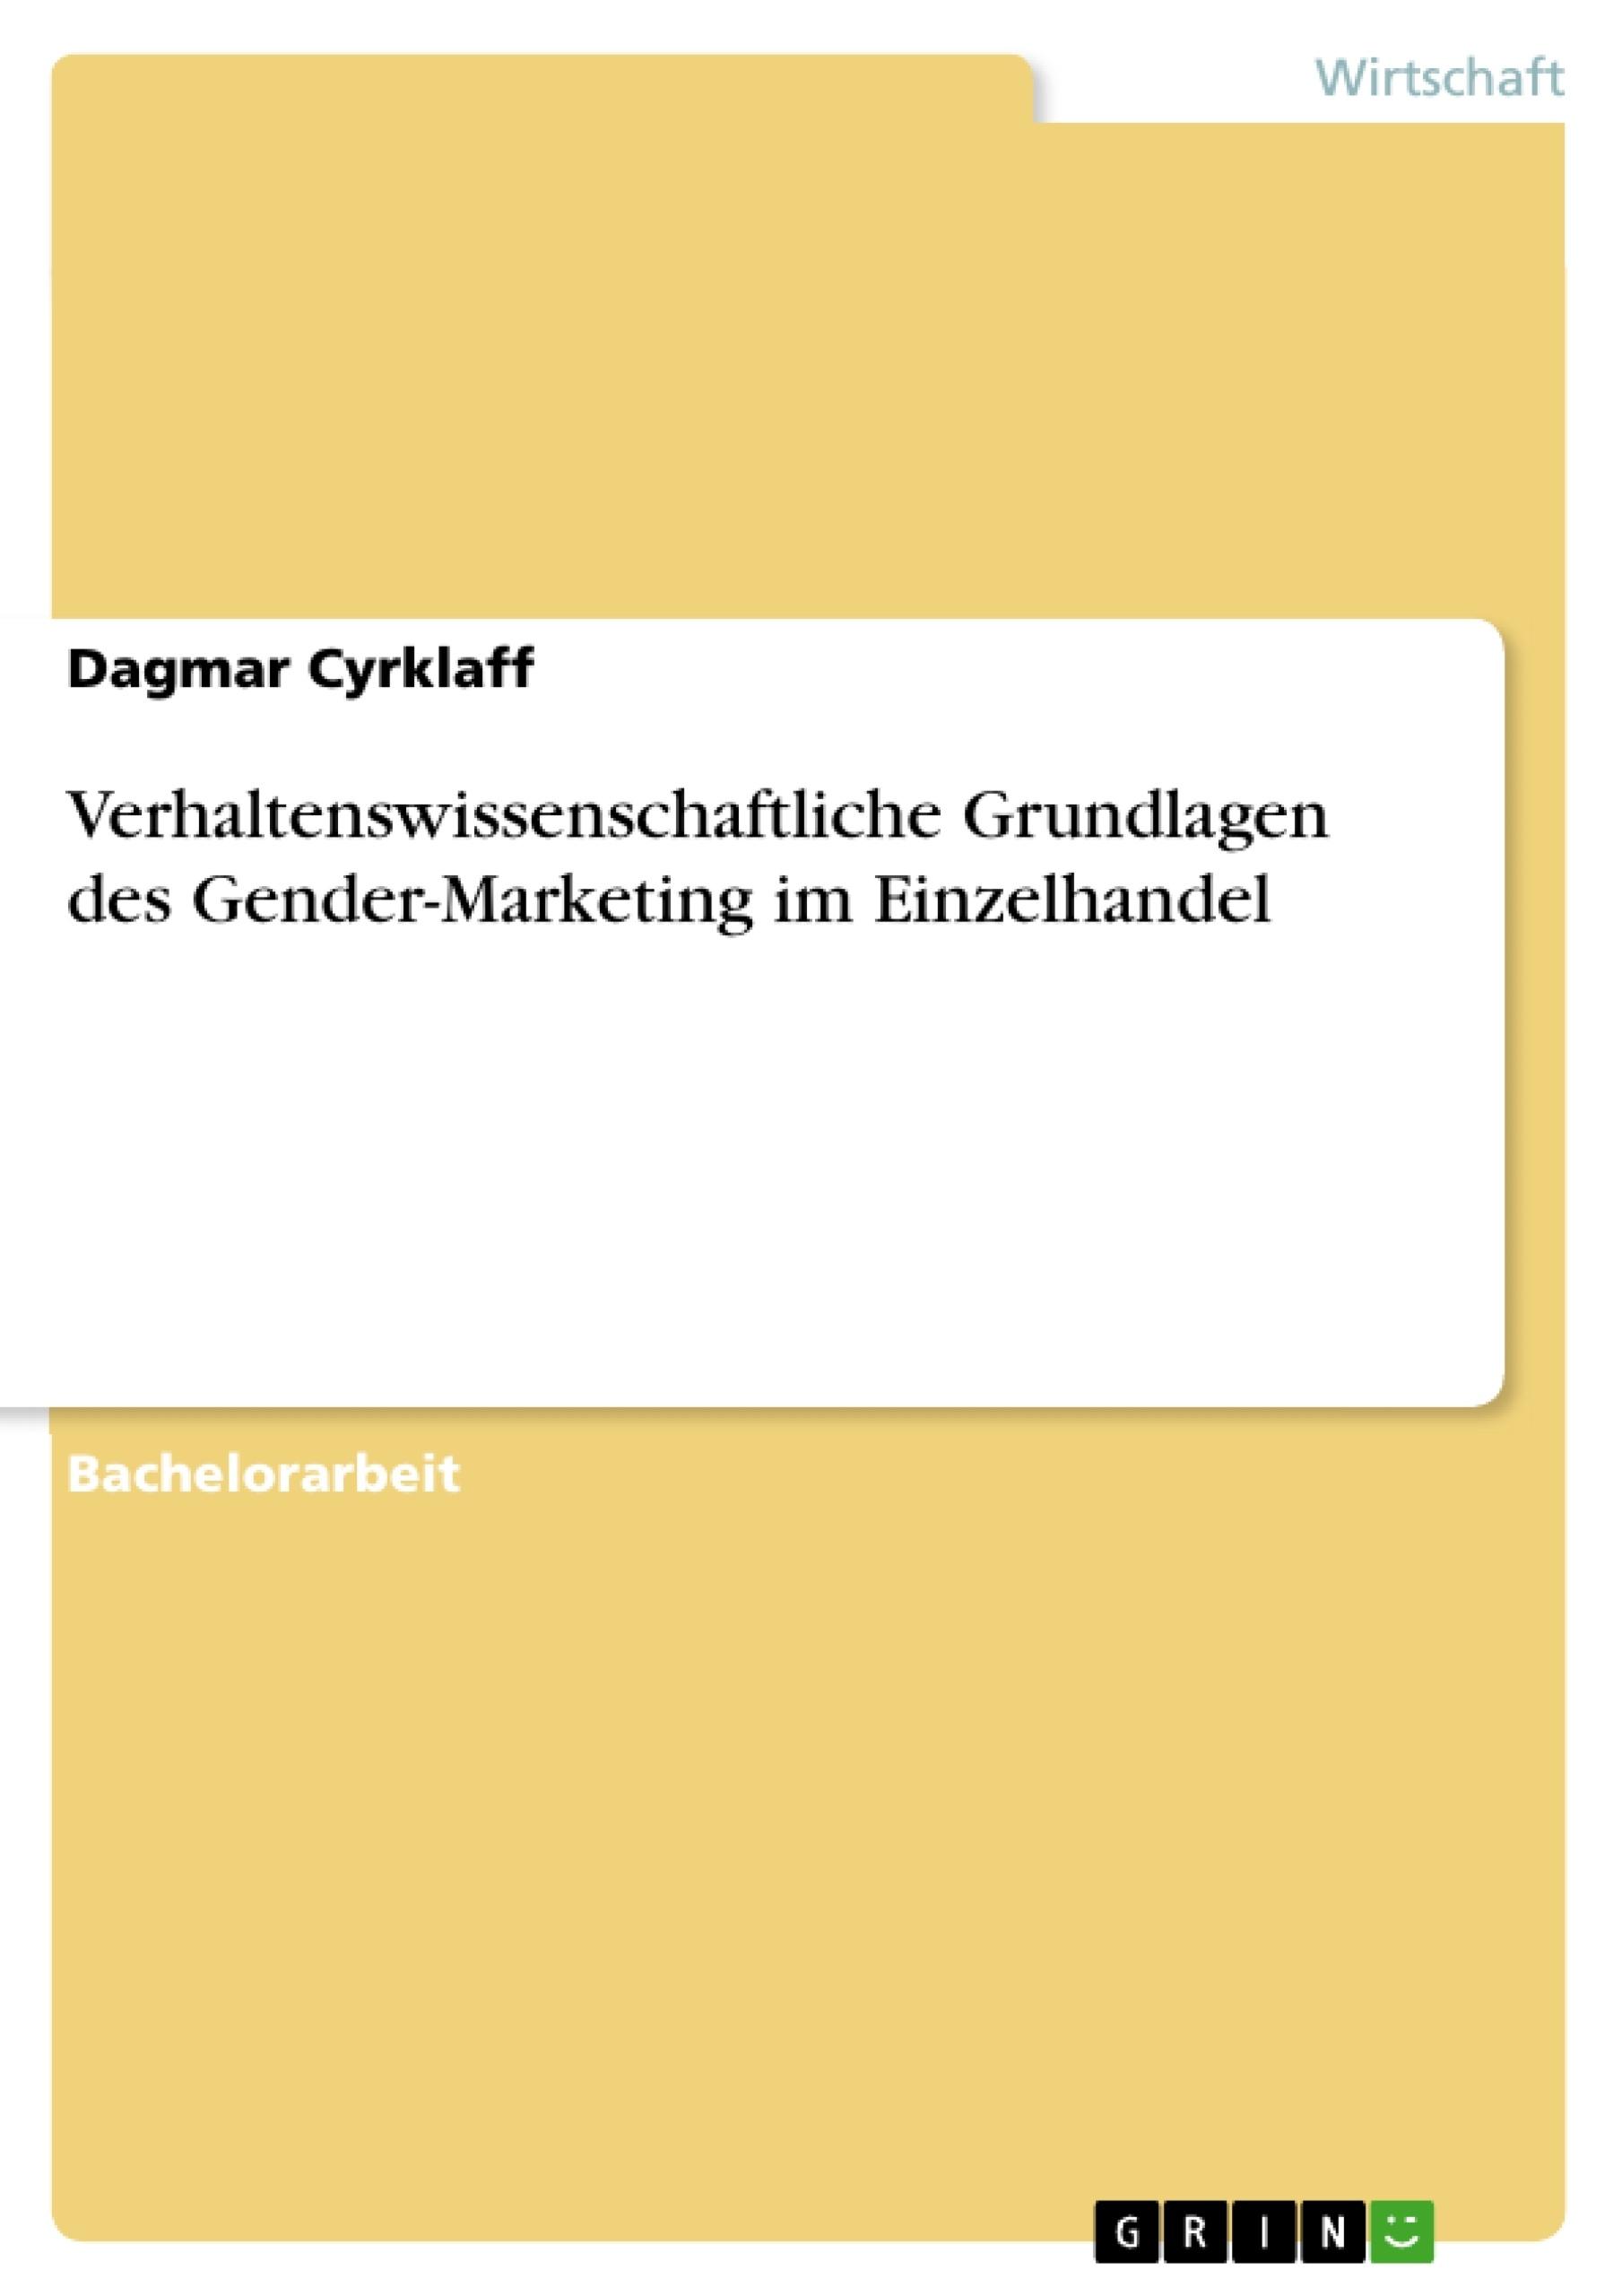 Titel: Verhaltenswissenschaftliche Grundlagen des Gender-Marketing im Einzelhandel